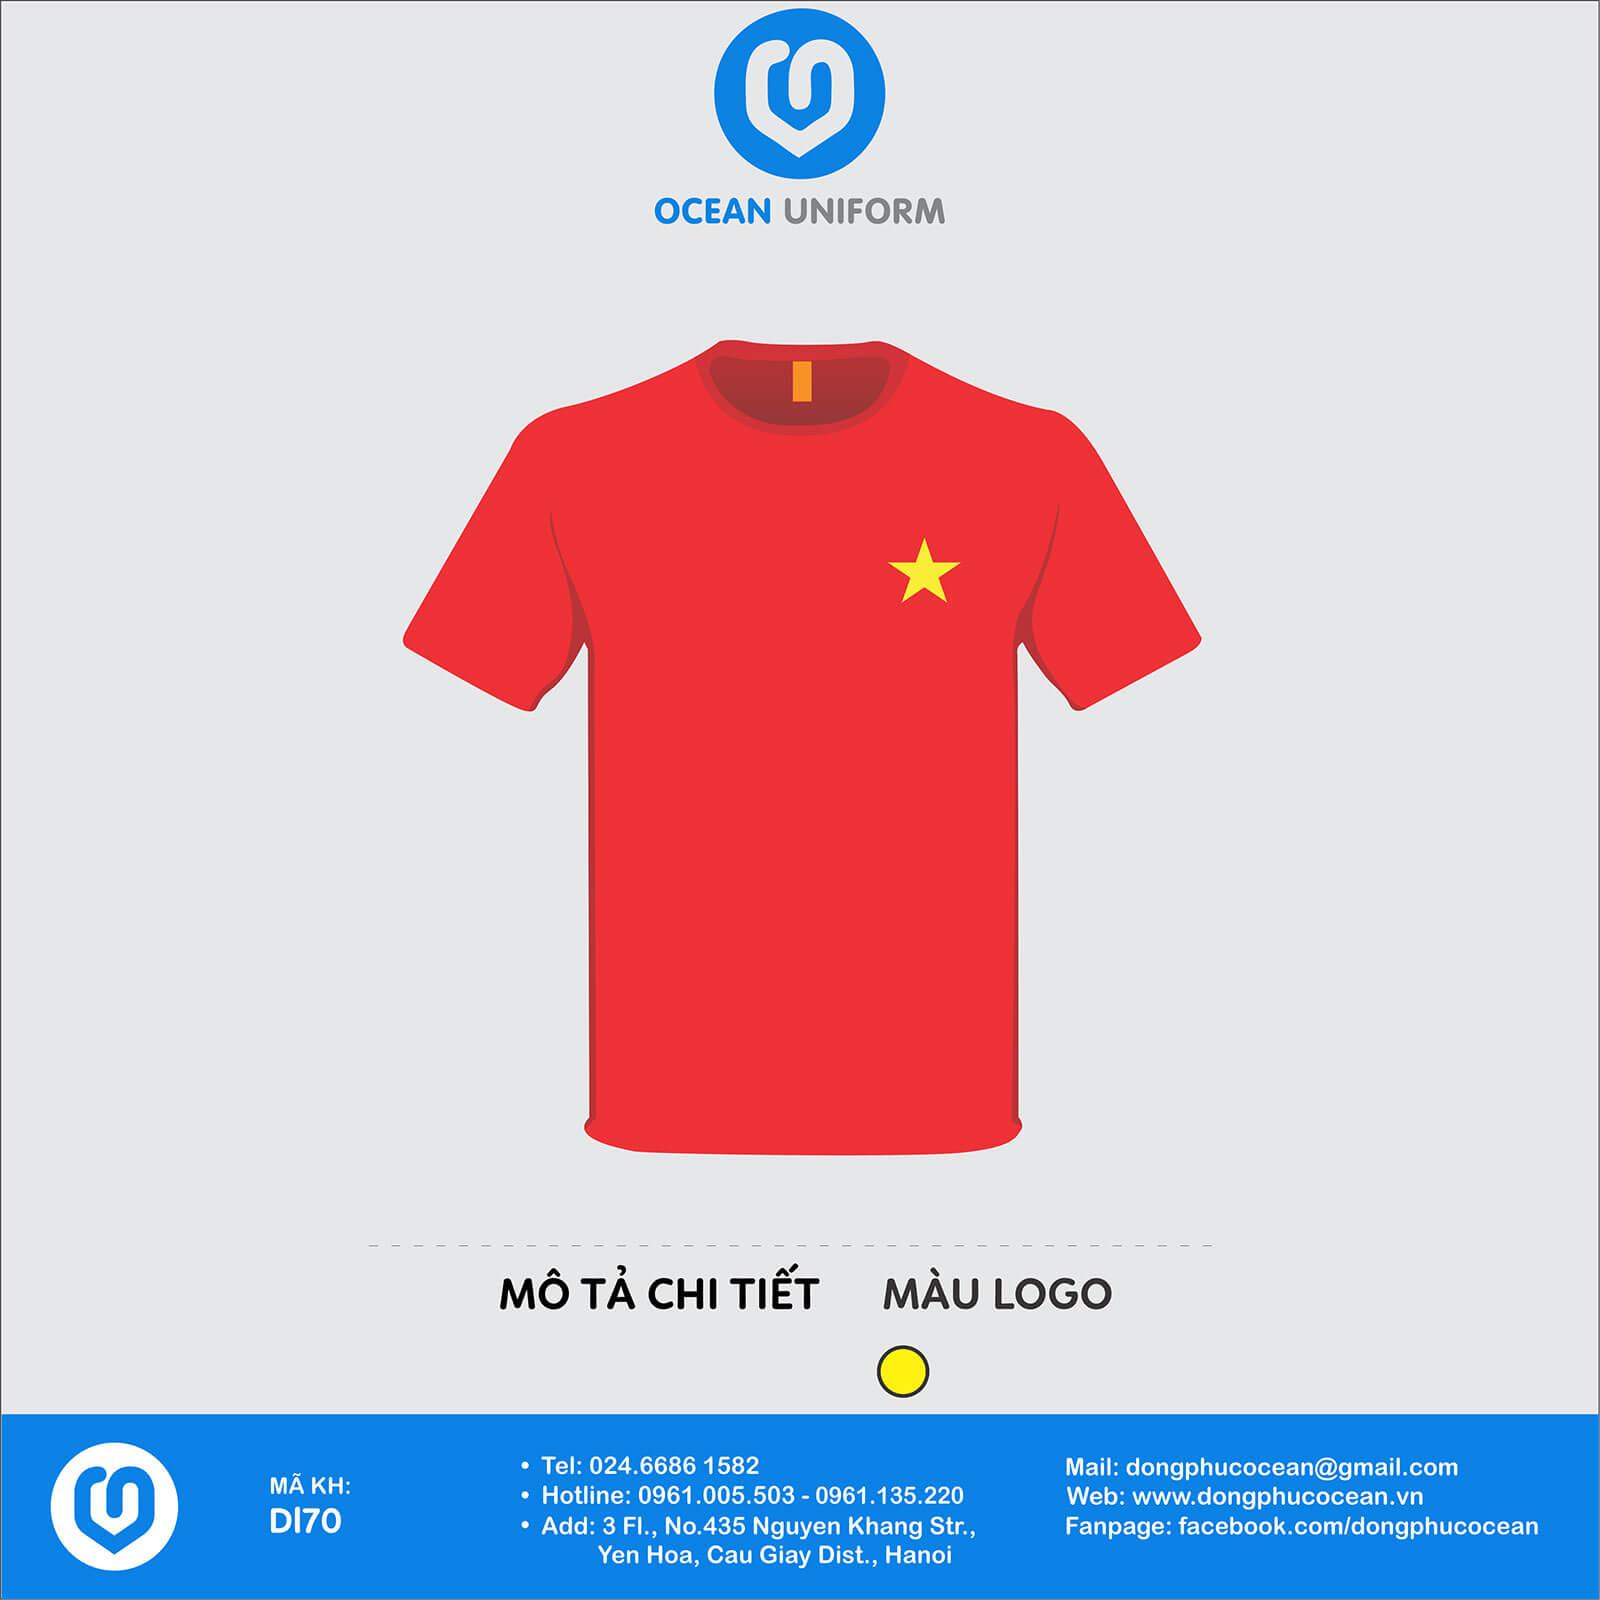 Áo cờ đỏ sao vàng logo sao trước ngực